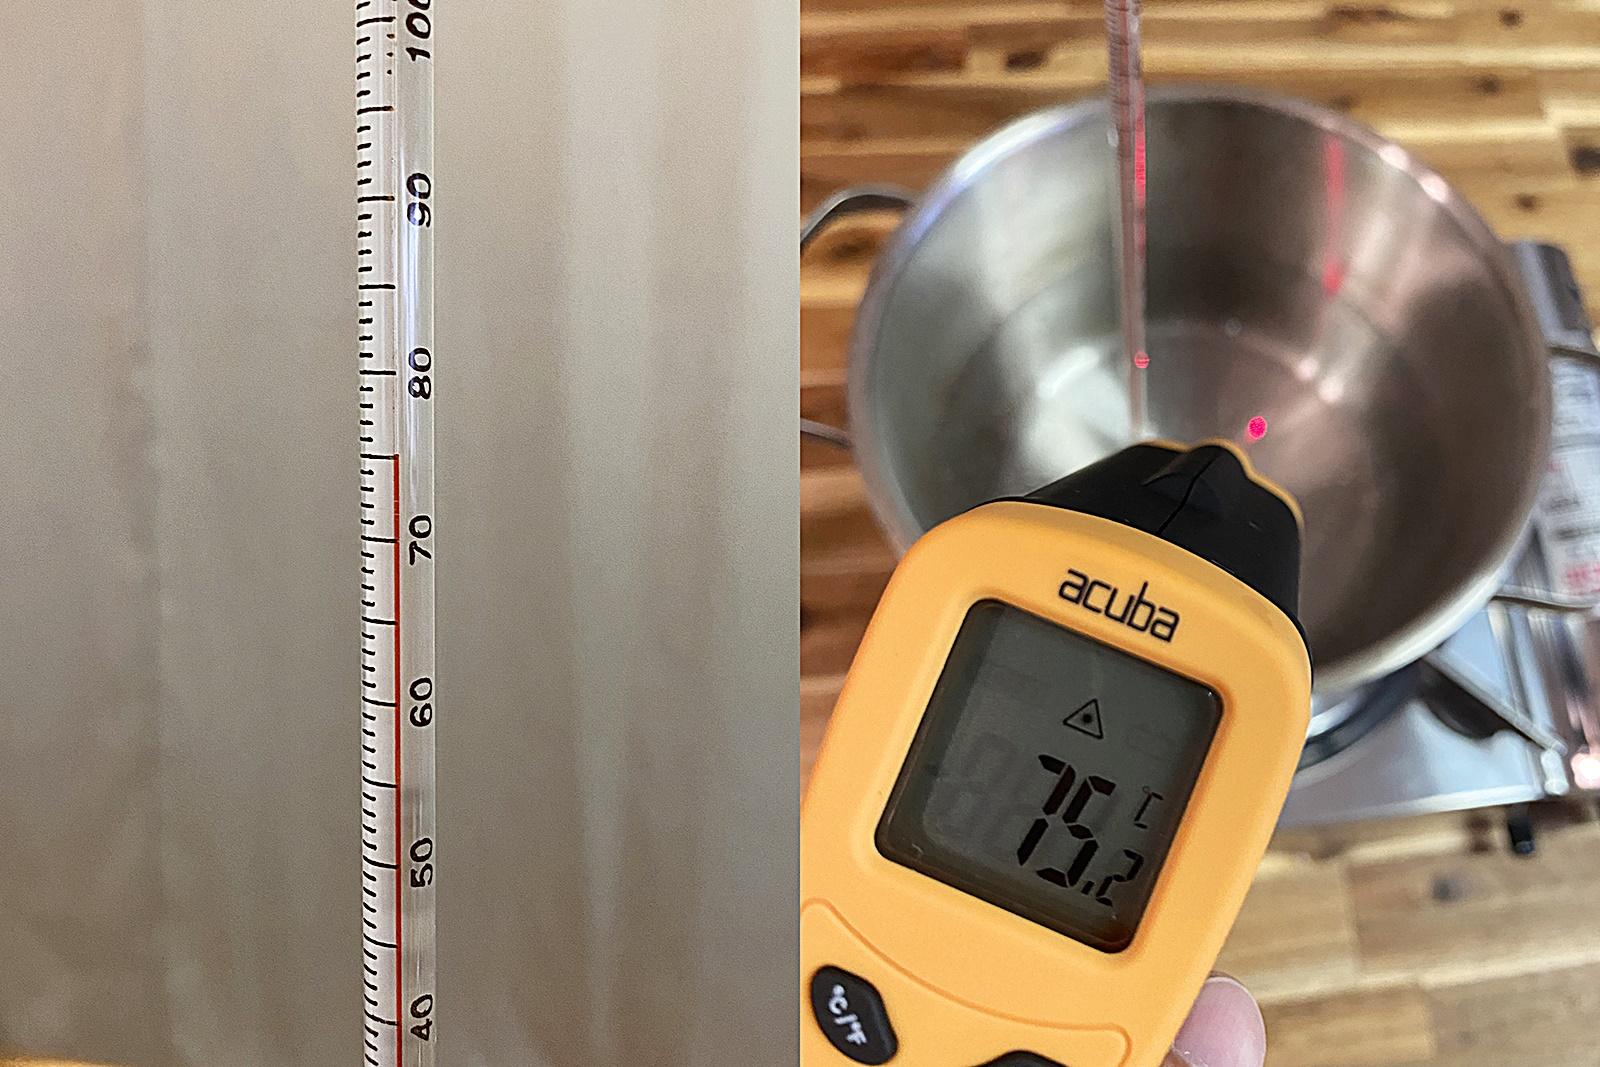 스테인리스 냄비 물 끓이며 온도계 비교 실험 3